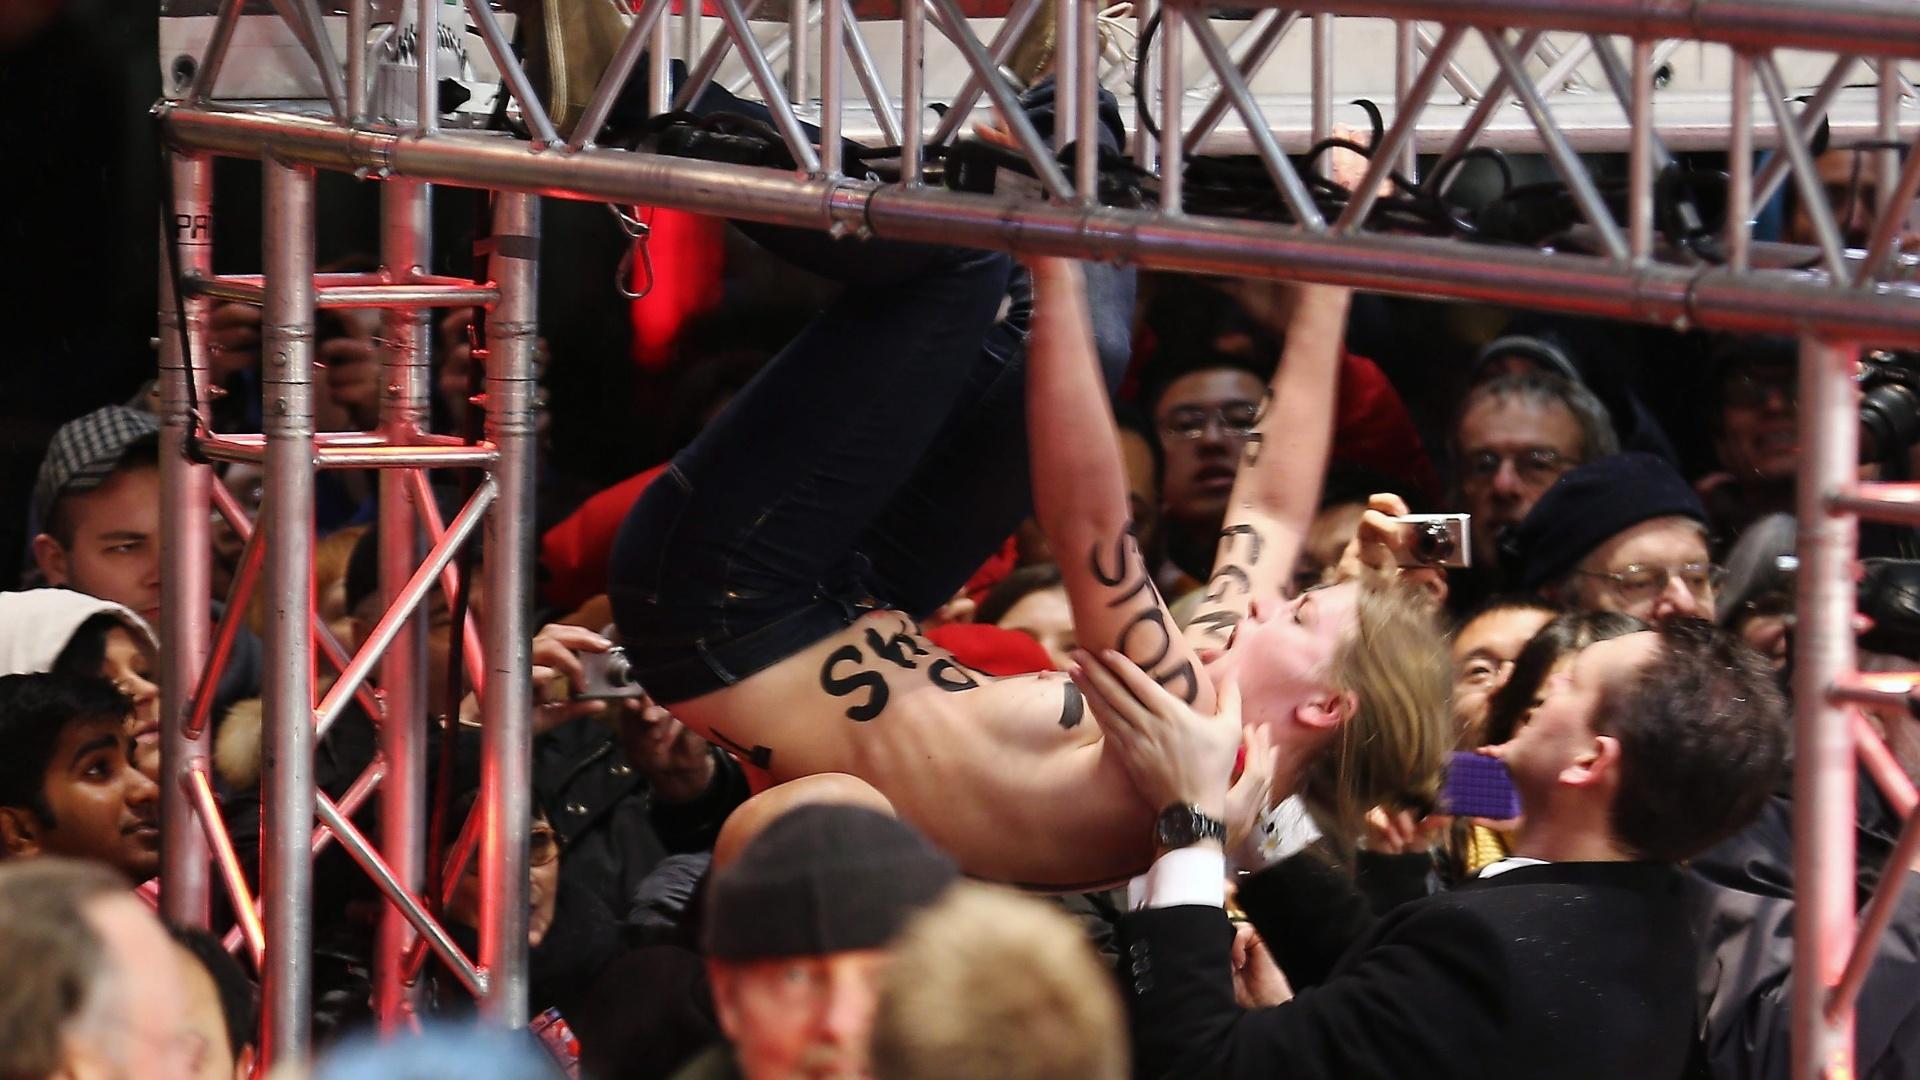 7.fev.2013 - Ativistas do grupo feminista Femen protestam  contra uma cena de mutilação sexual feminina no filme